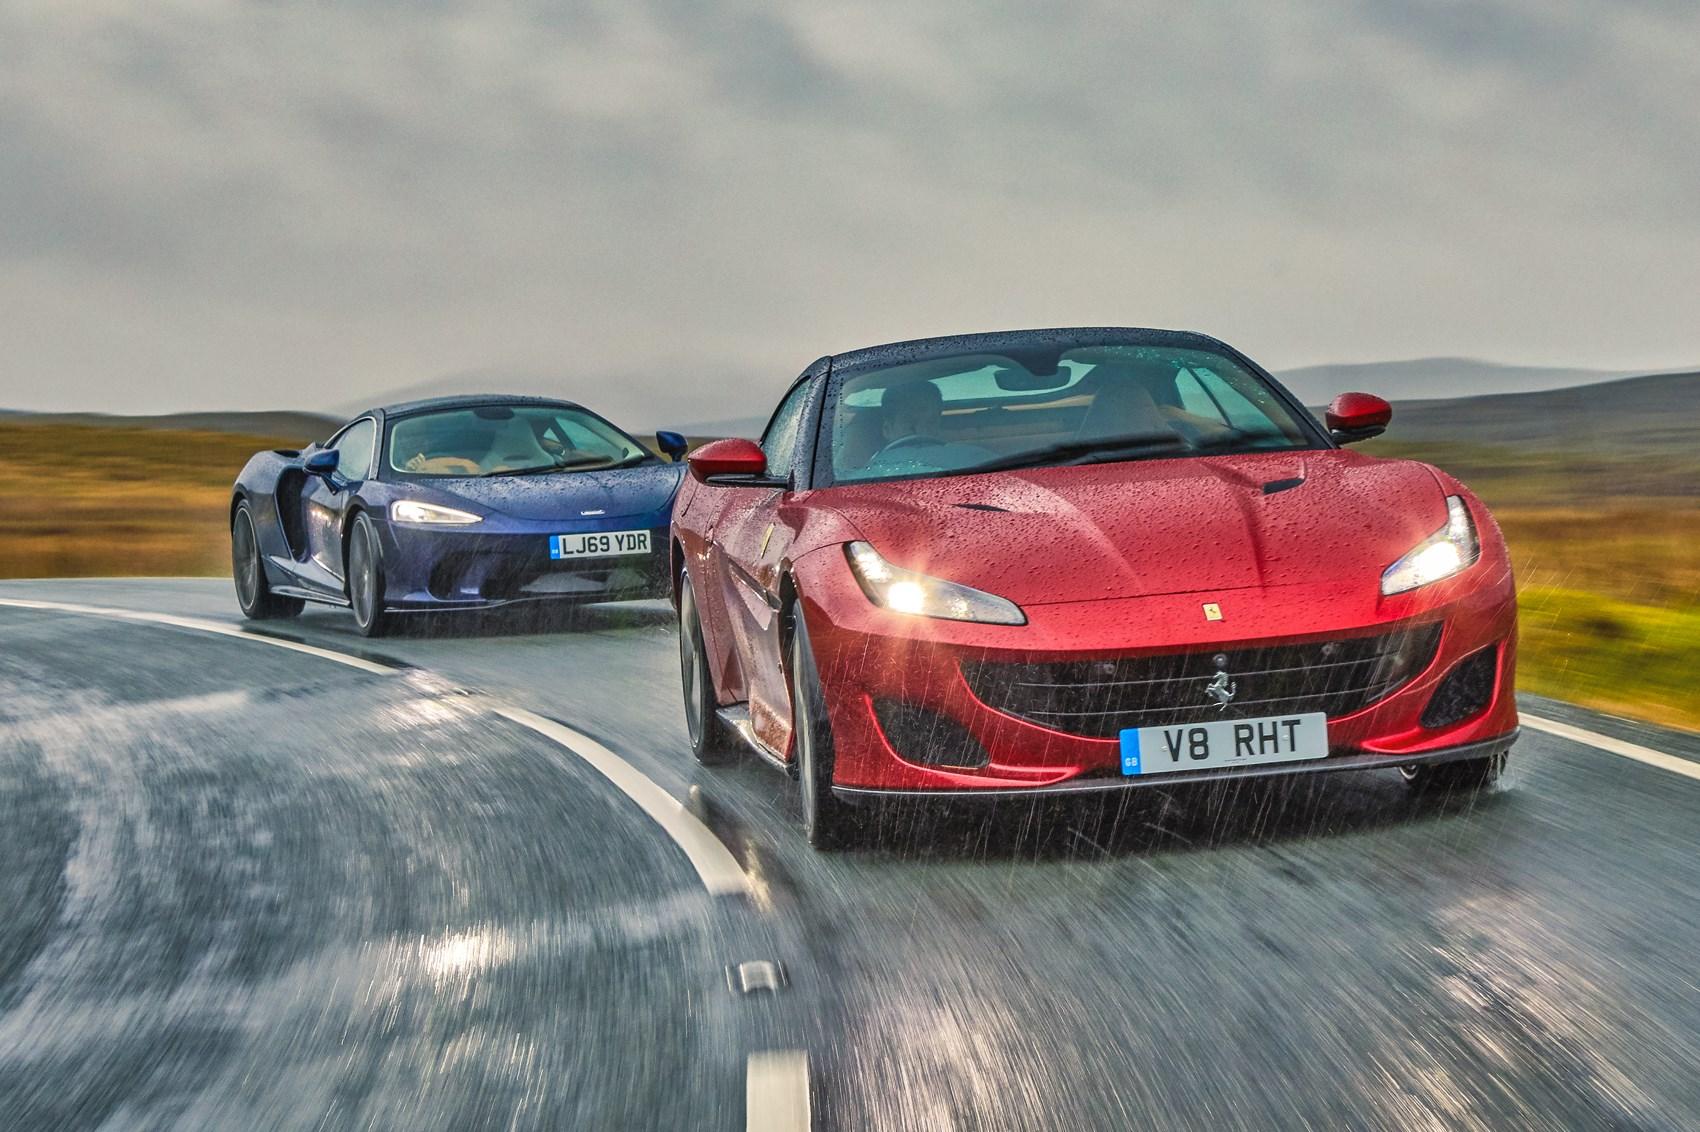 Mclaren Gt Vs Ferrari Portofino Vs Honda Nsx Triple Comparison Test 2020 Review Car Magazine